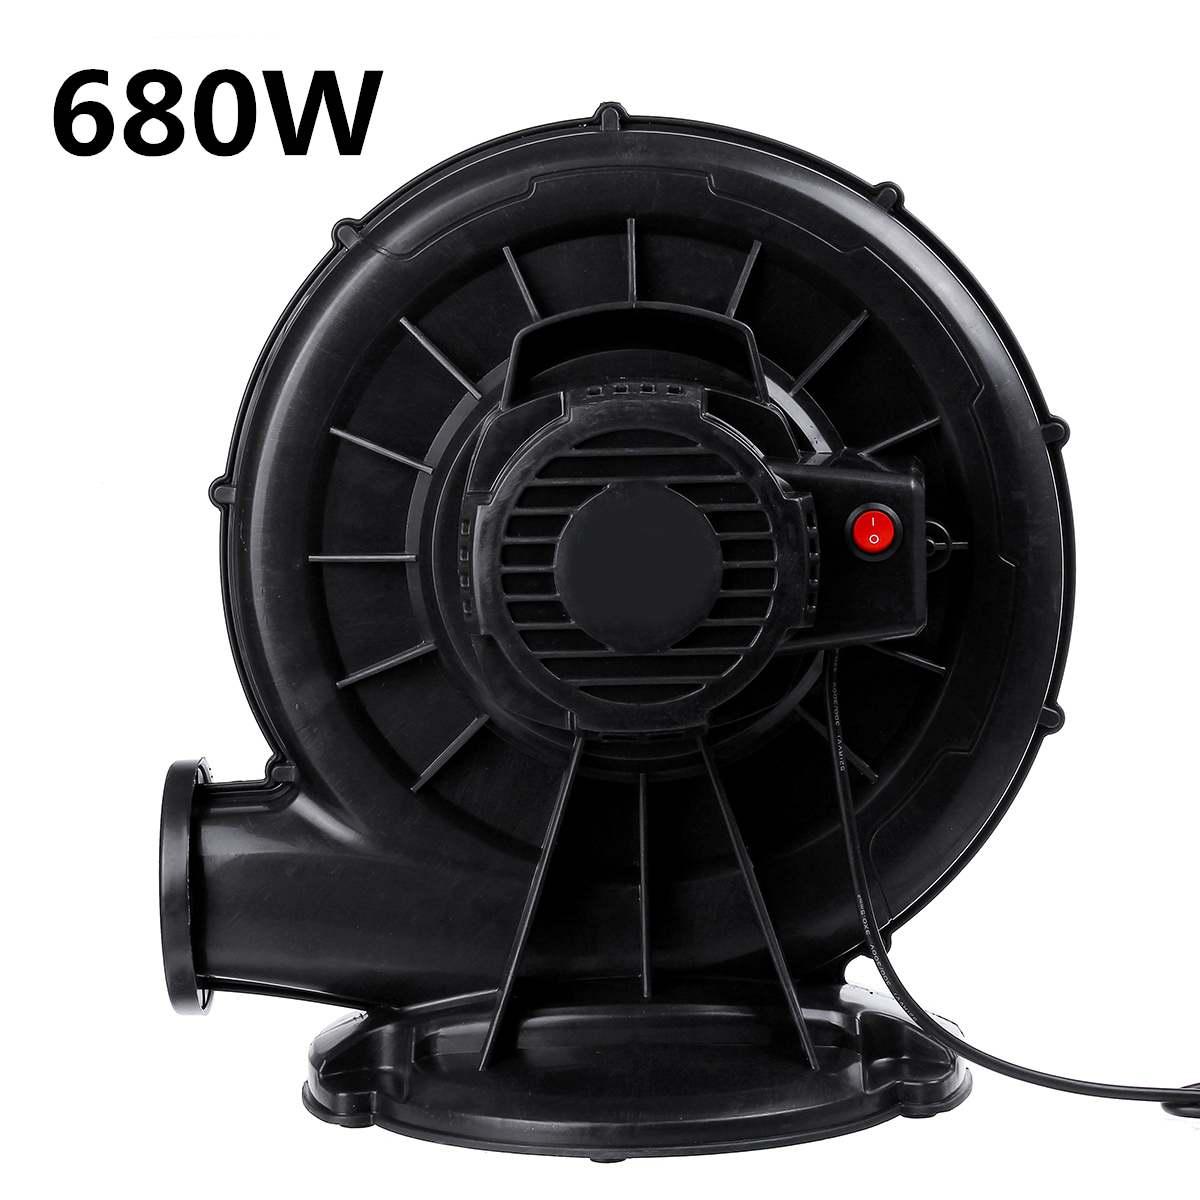 180 Вт-680 Вт Электрическая воздуходувка, насос, мощный воздуходувной аппарат, насос, надувной экран для свадебной вечеринки